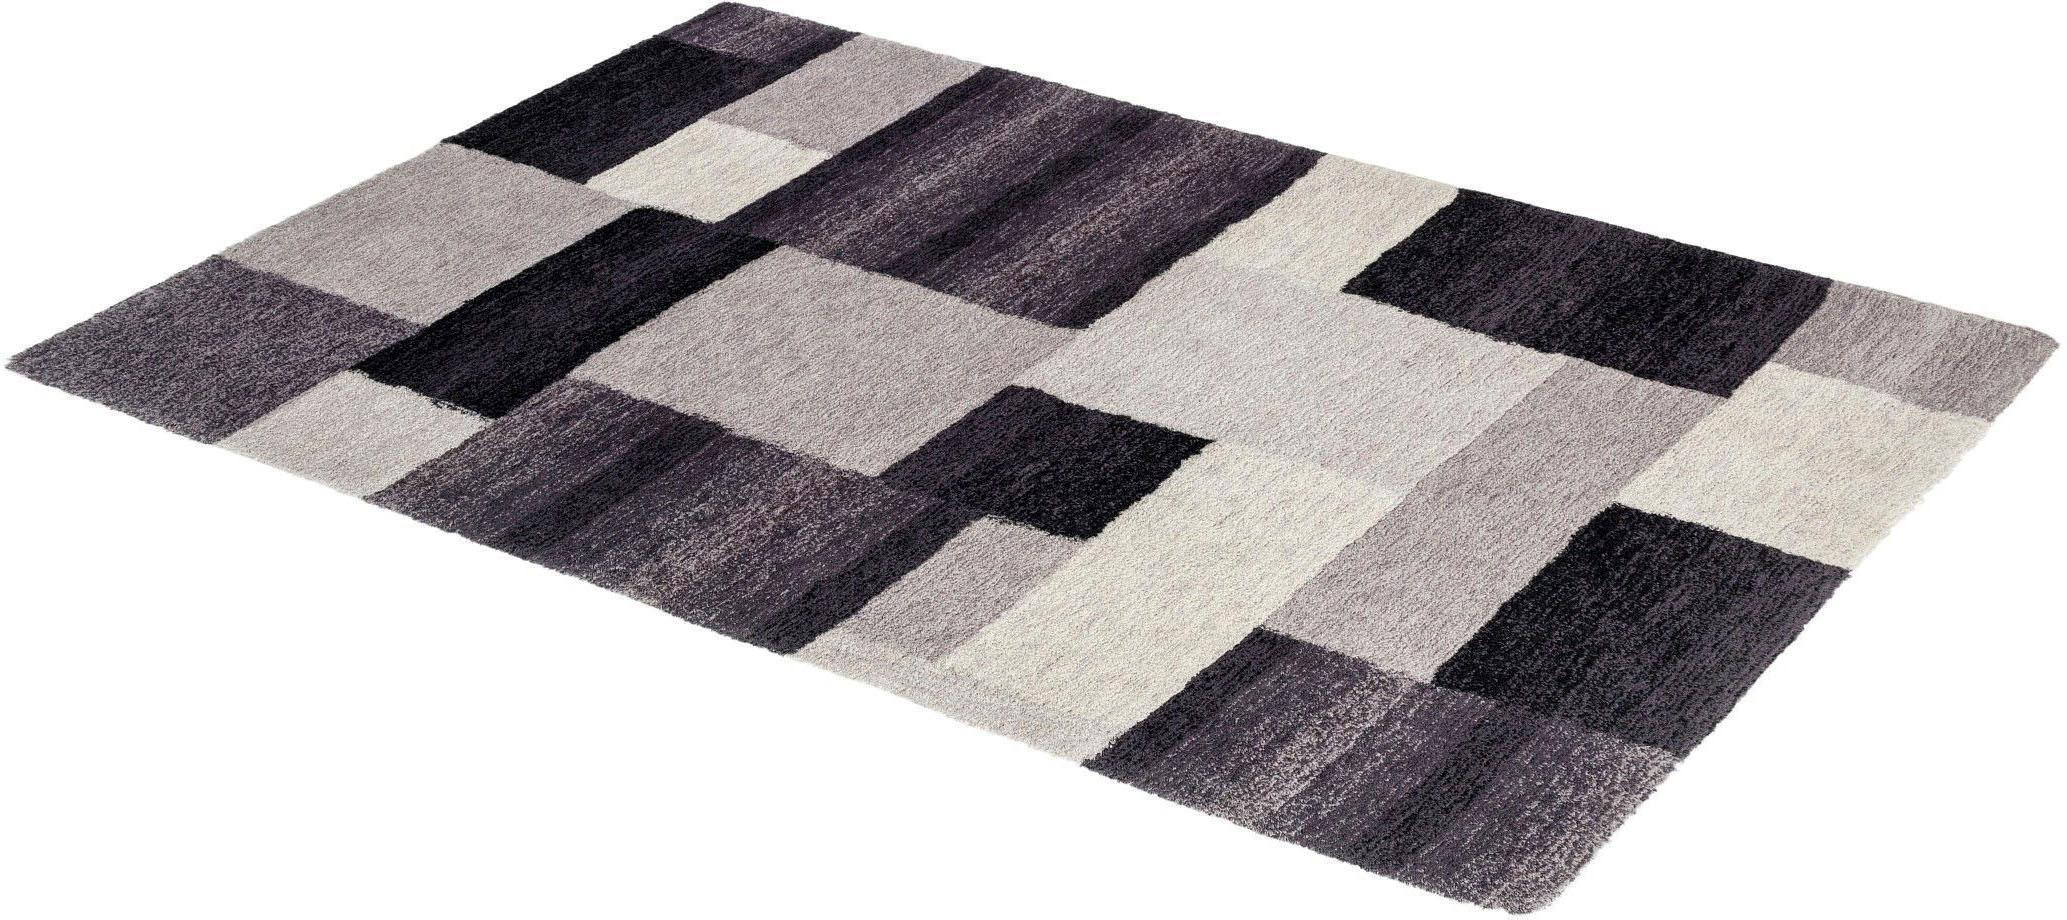 Hochflor-Teppich Livorno Karo ASTRA rechteckig Höhe 25 mm